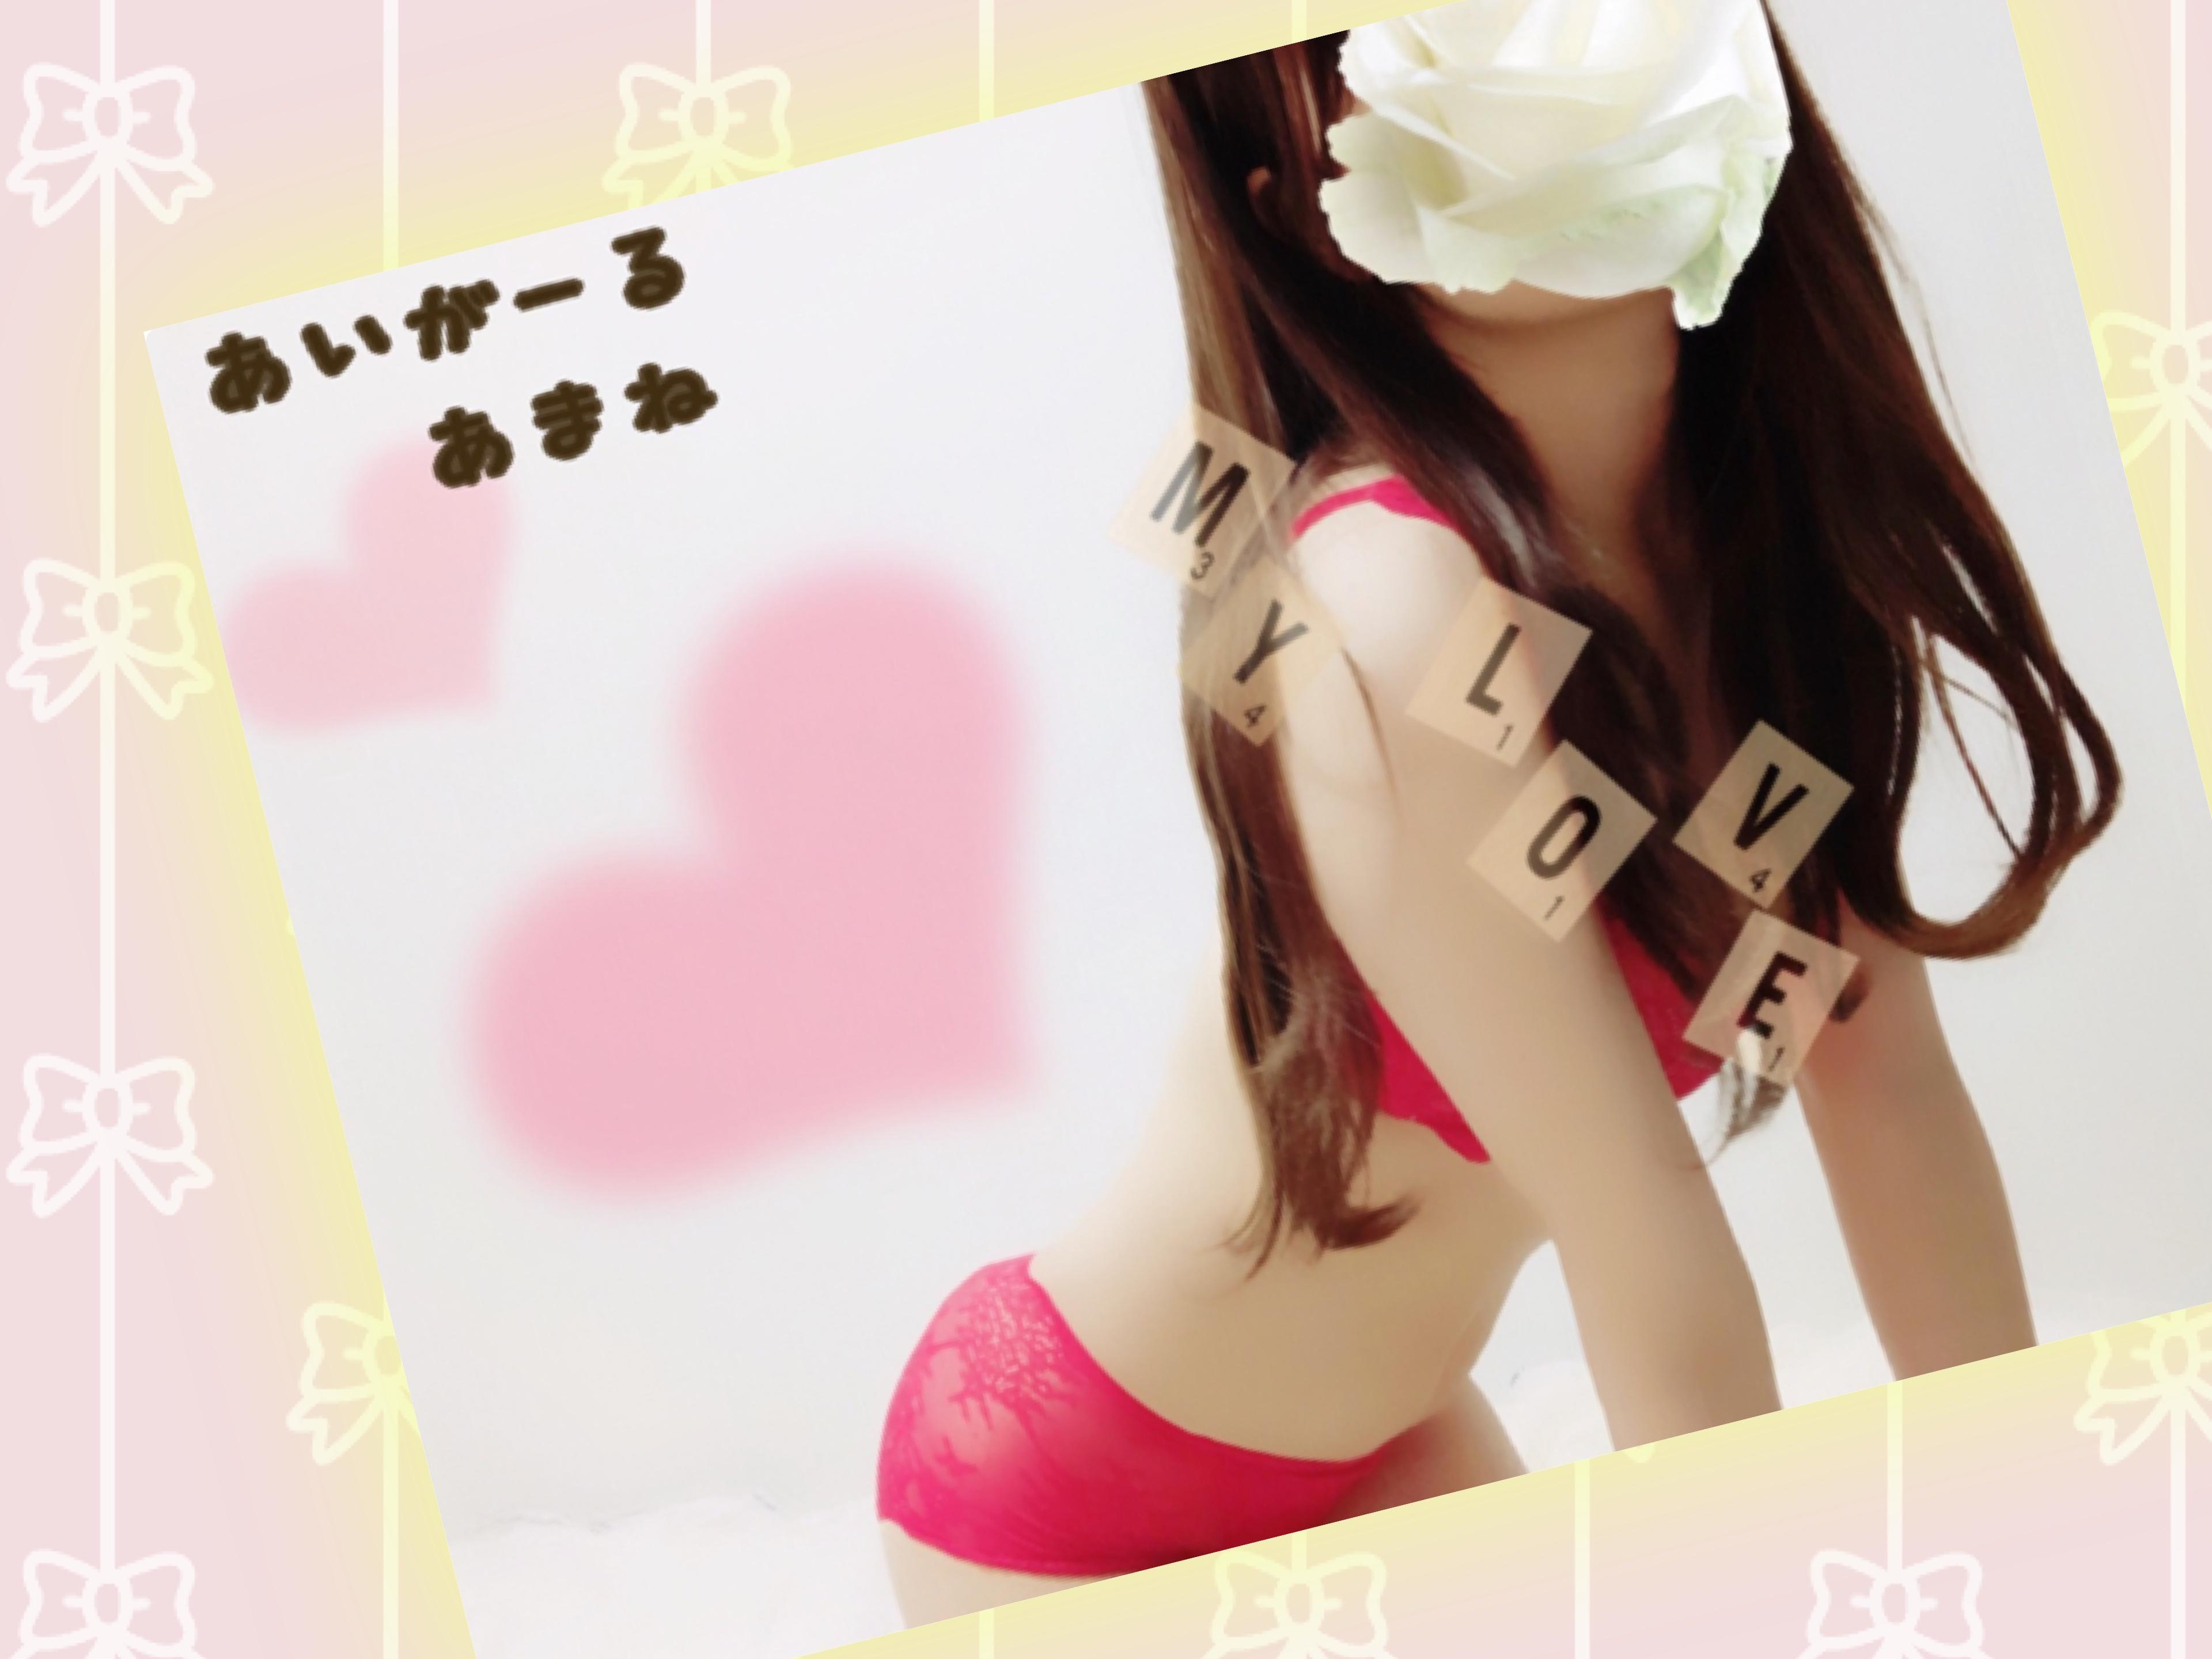 「8日のお礼です☆」12/10(12/10) 00:52 | あまねの写メ・風俗動画